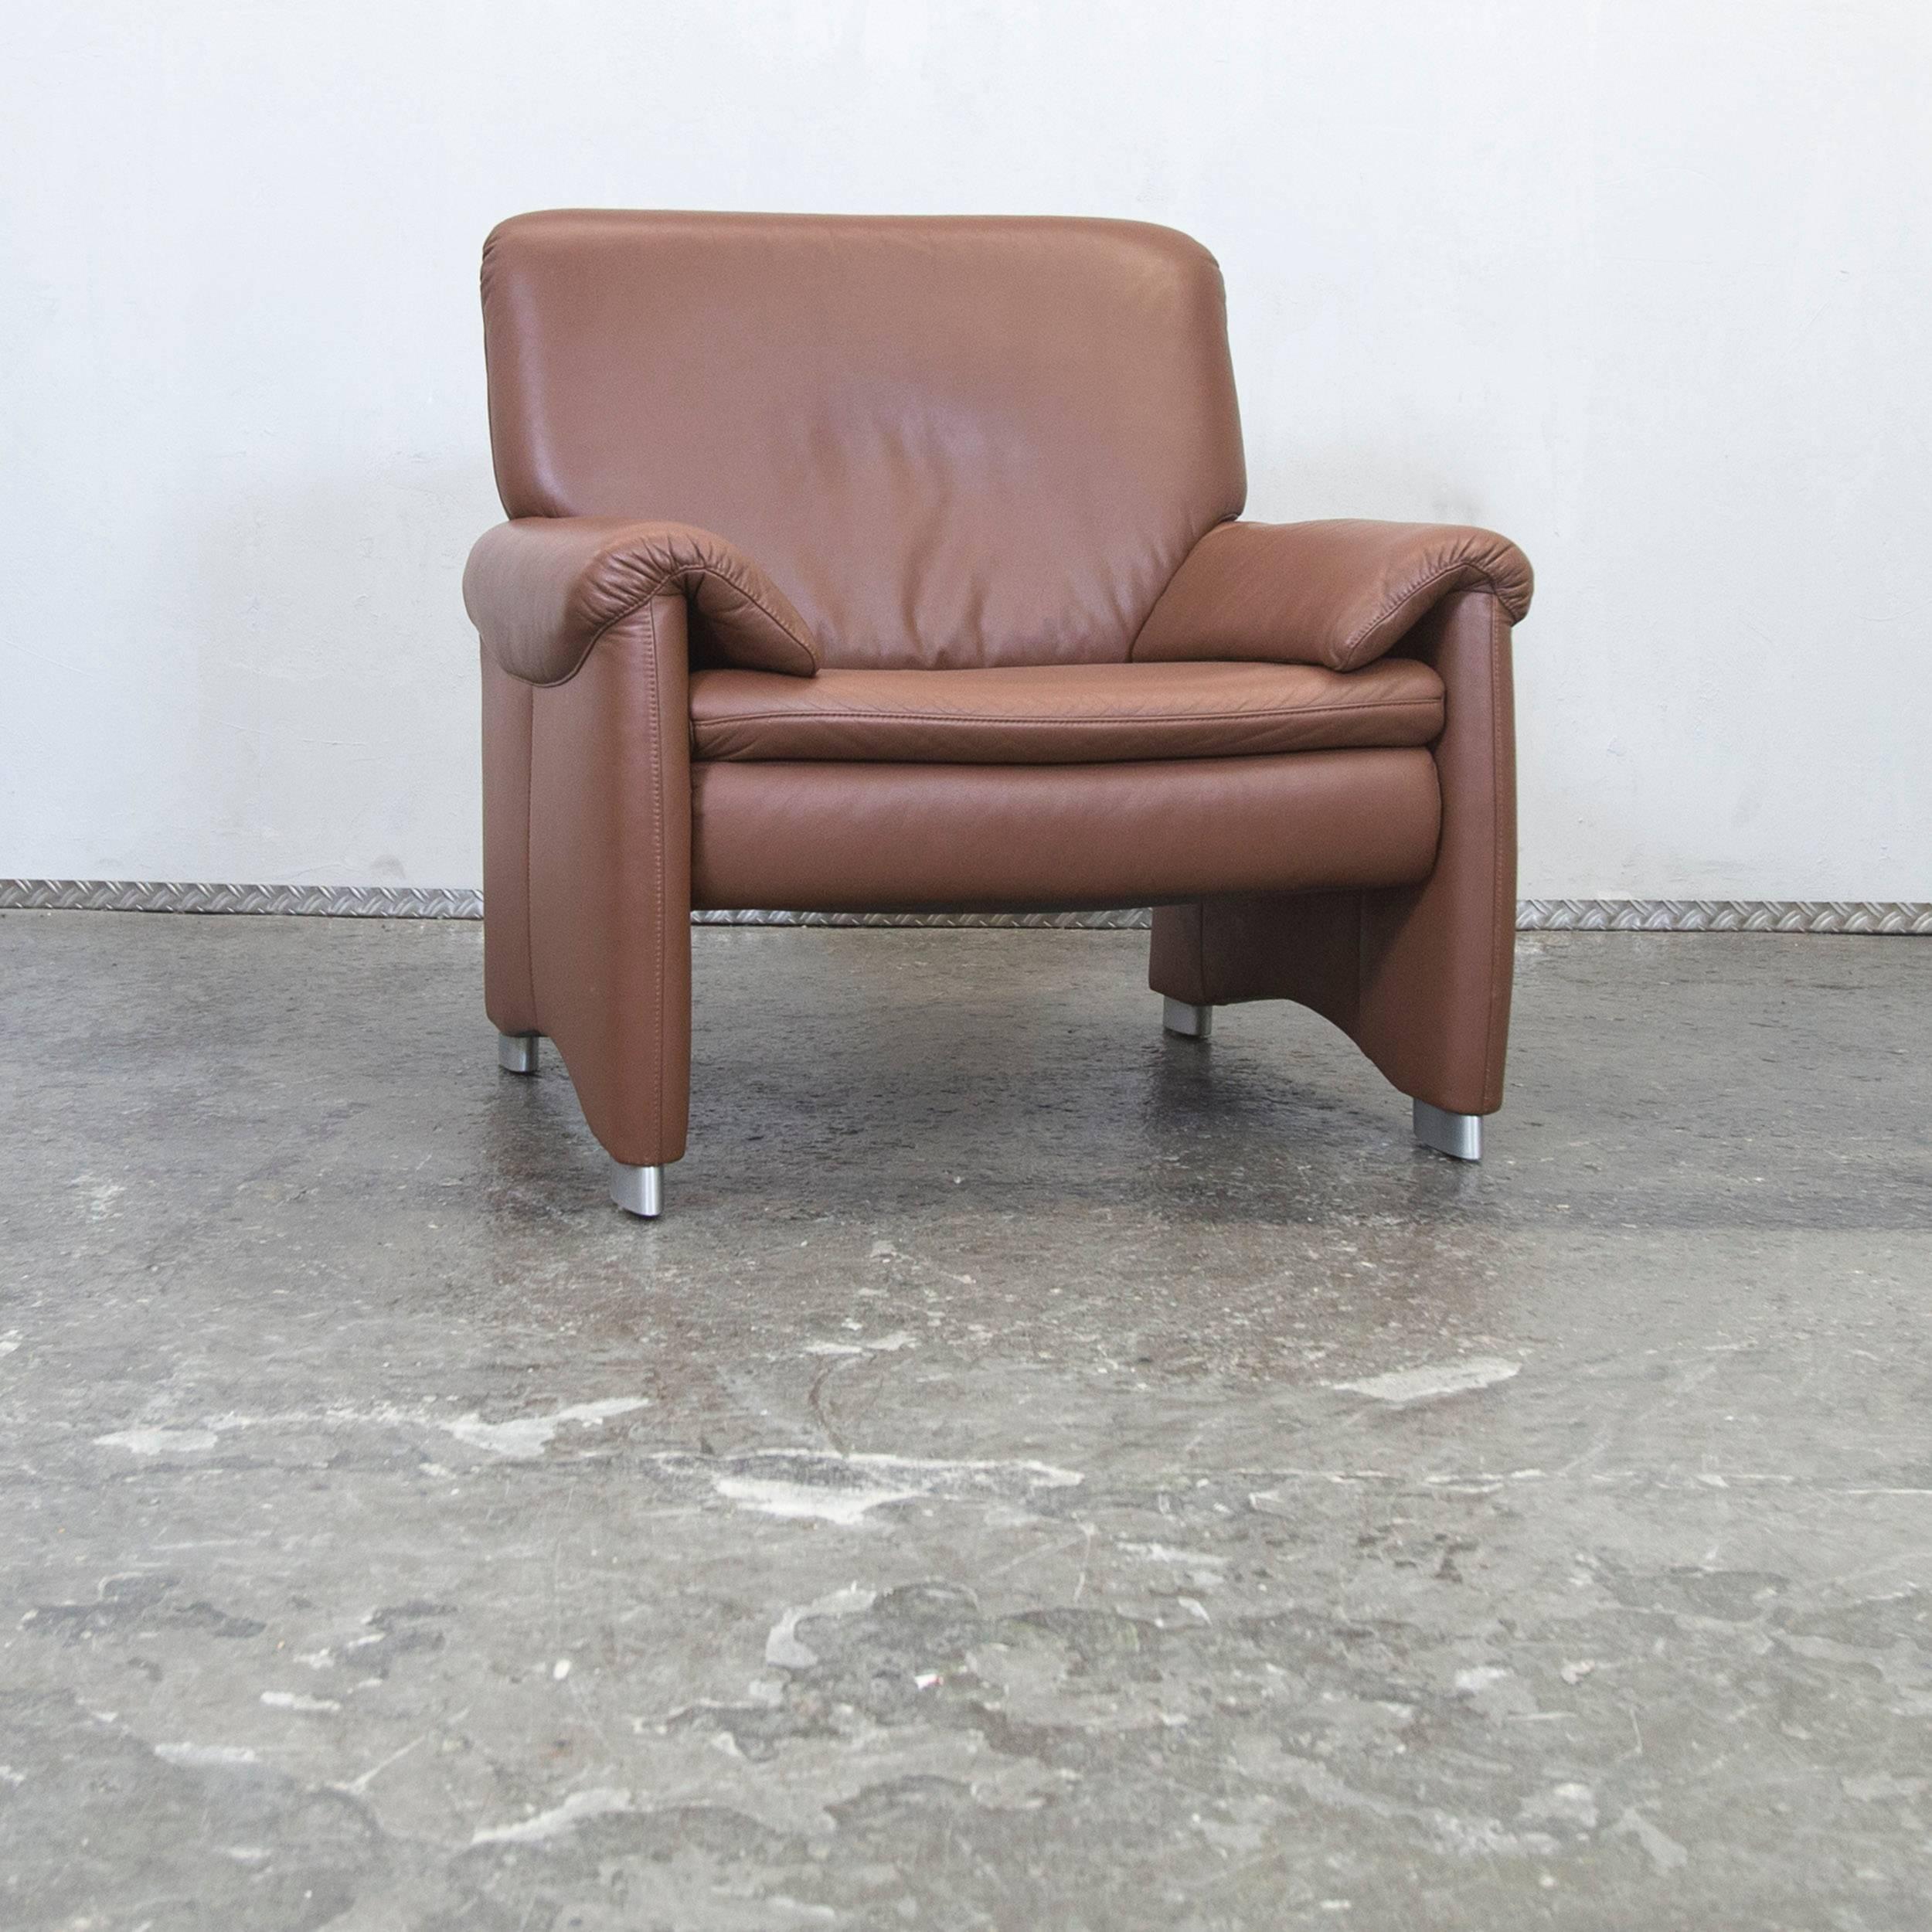 sofa braun leder great hlsta designer armchair brown. Black Bedroom Furniture Sets. Home Design Ideas